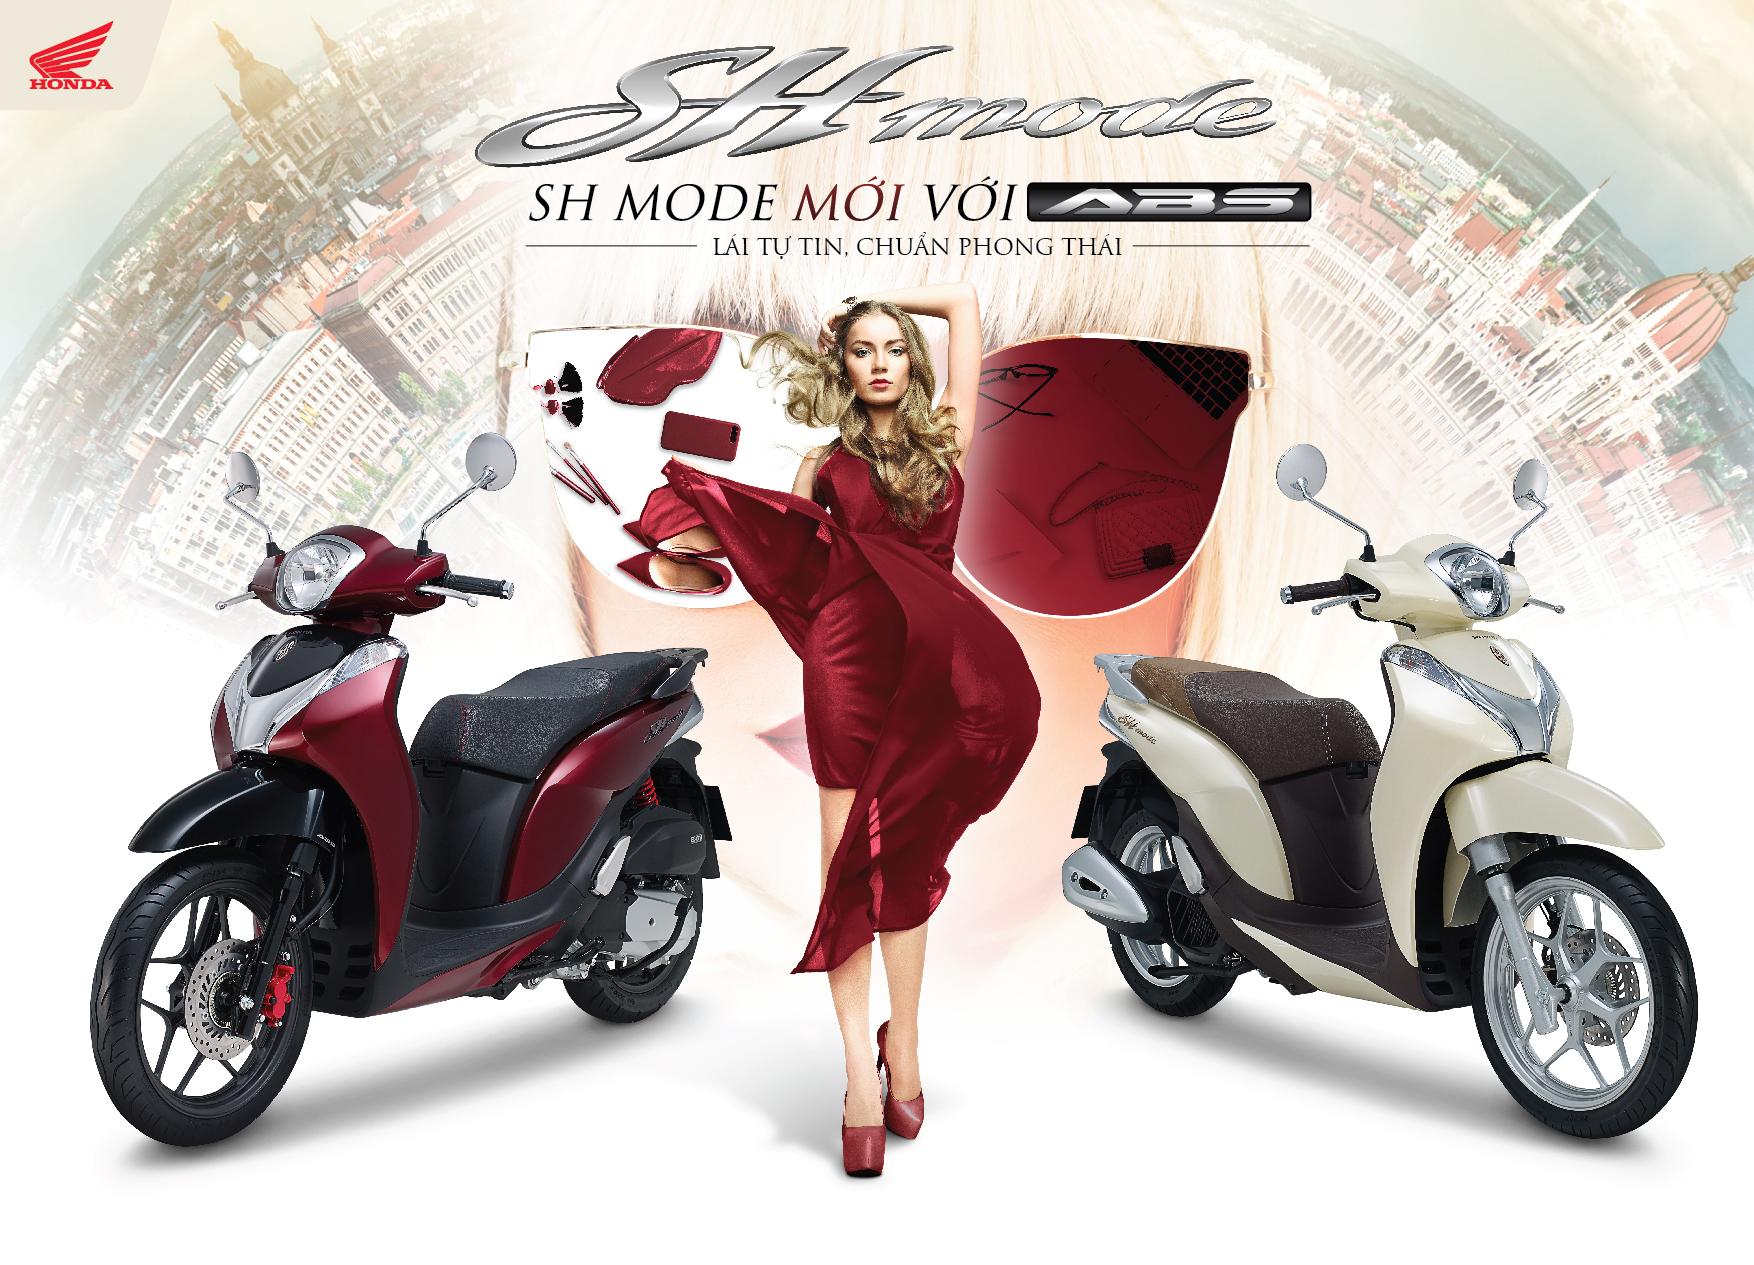 Honda Việt Nam giới thiệu SH Mode 125cc mới với ABS